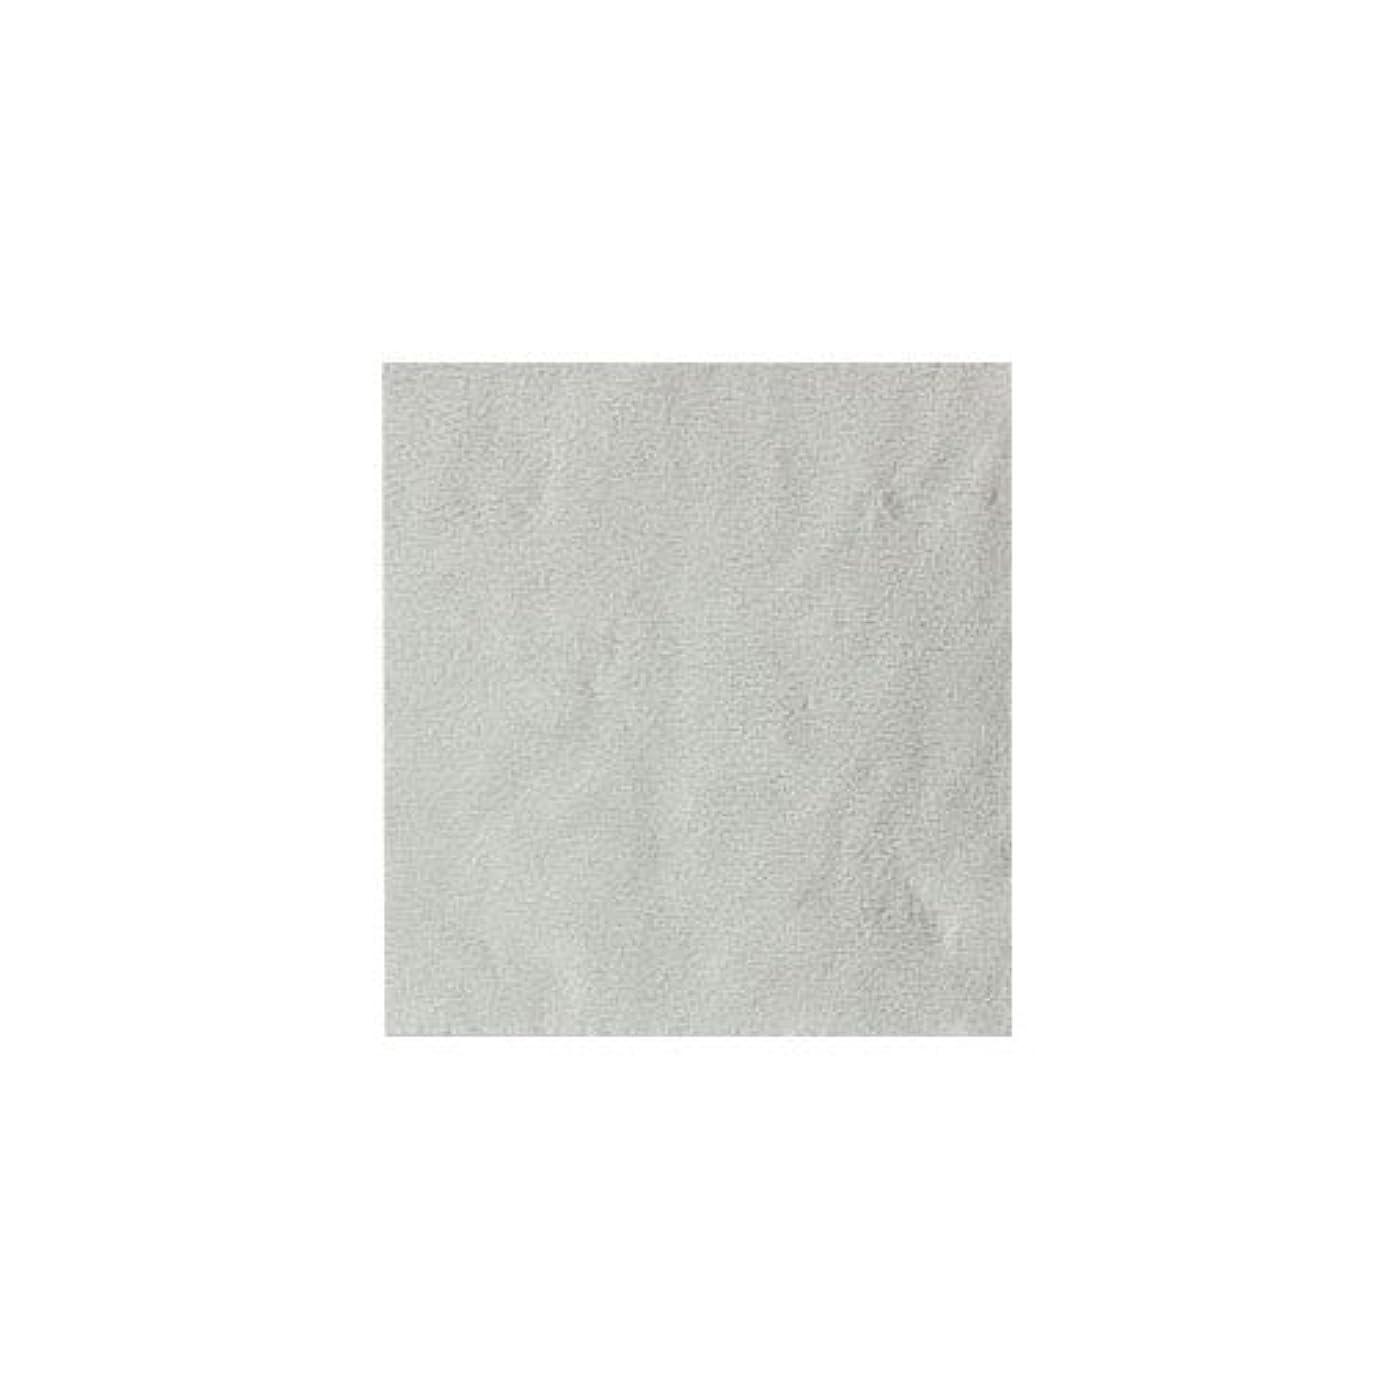 詳細にトレーニング雄大なピカエース ネイル用パウダー パステル銀箔 #640 パステルホワイト 3.5㎜角×5枚